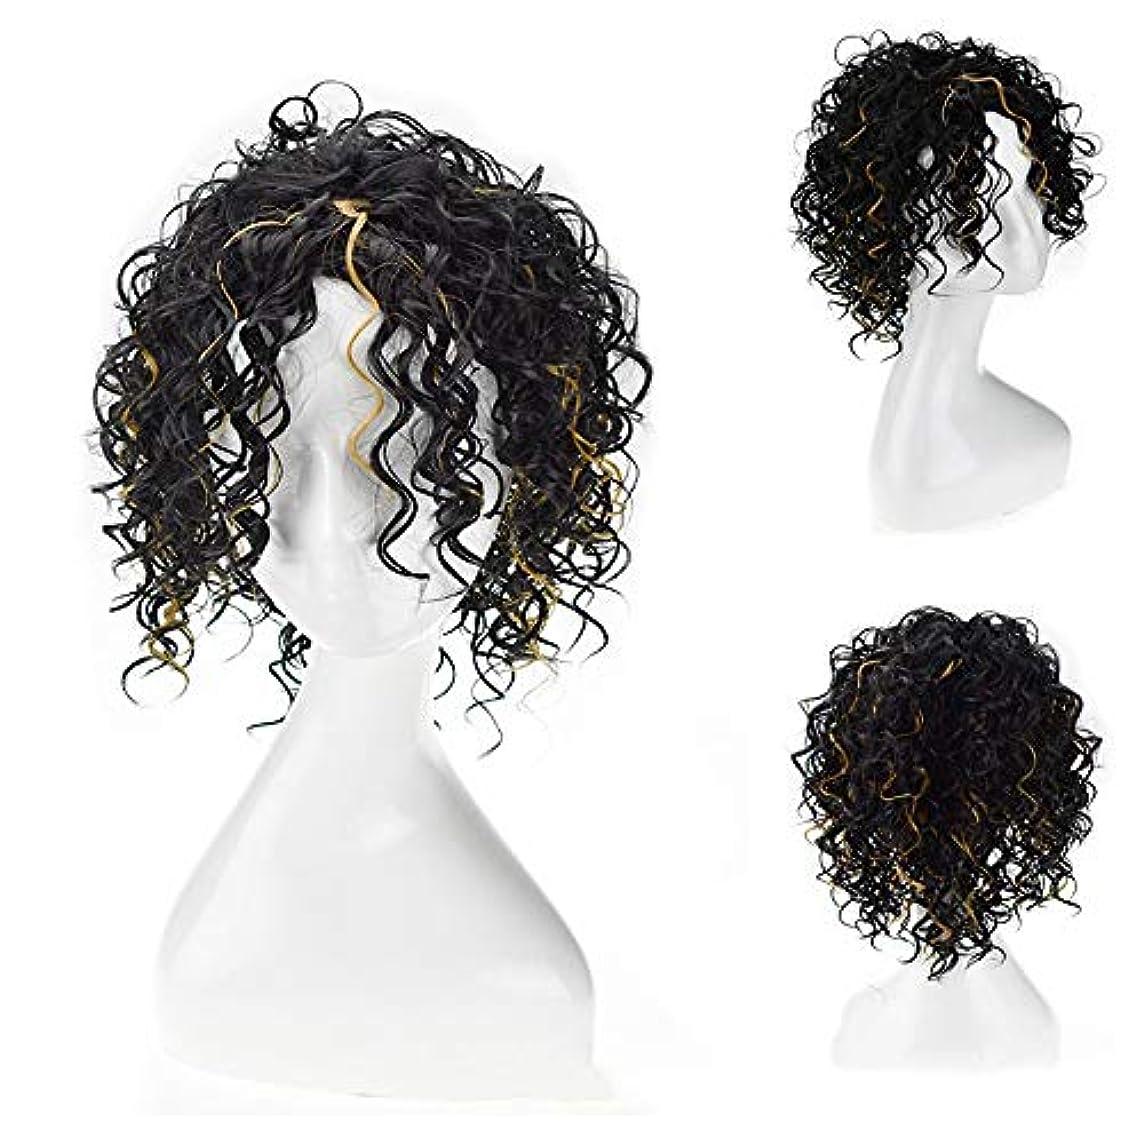 豊かな捨てる潮AMOSA 安いショートボブウィッグ黒ハイライト黄色の巻き毛の爆発ヘッド人工毛髪用女性コスプレパーティードレス